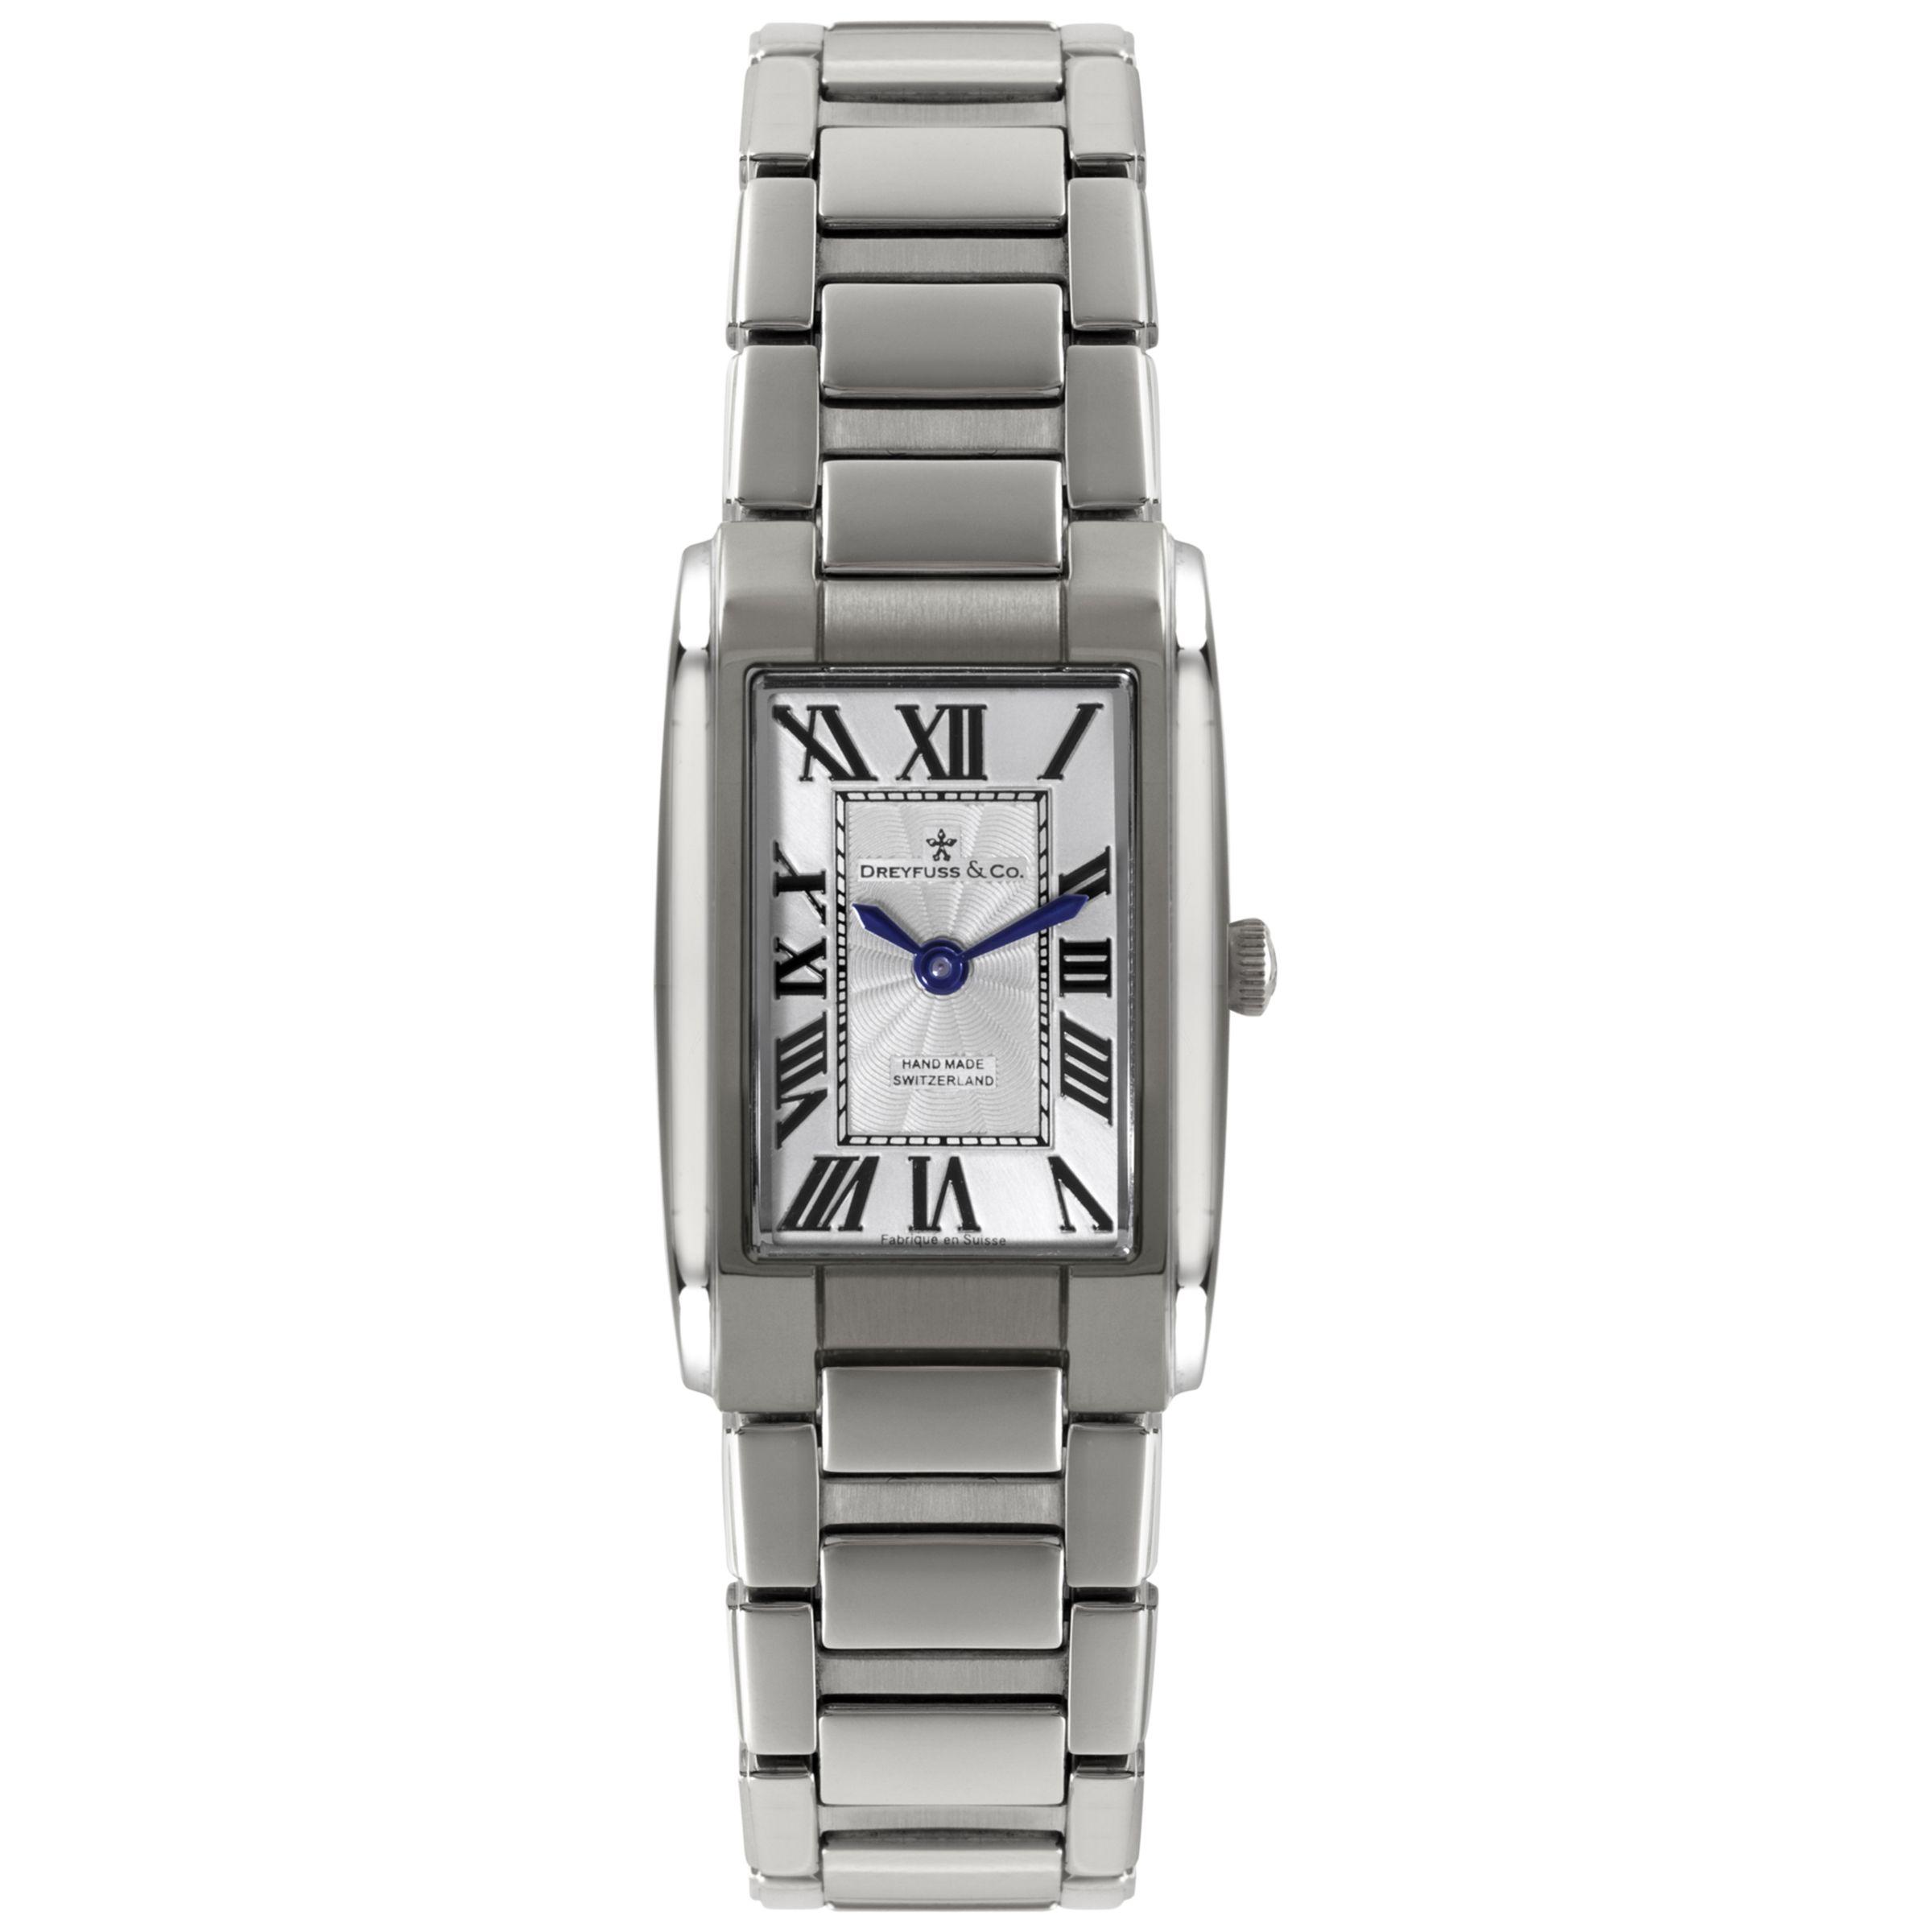 Dreyfuss & Co Dreyfuss & Co Women's Seafarer Stainless Steel Bracelet Strap Watch